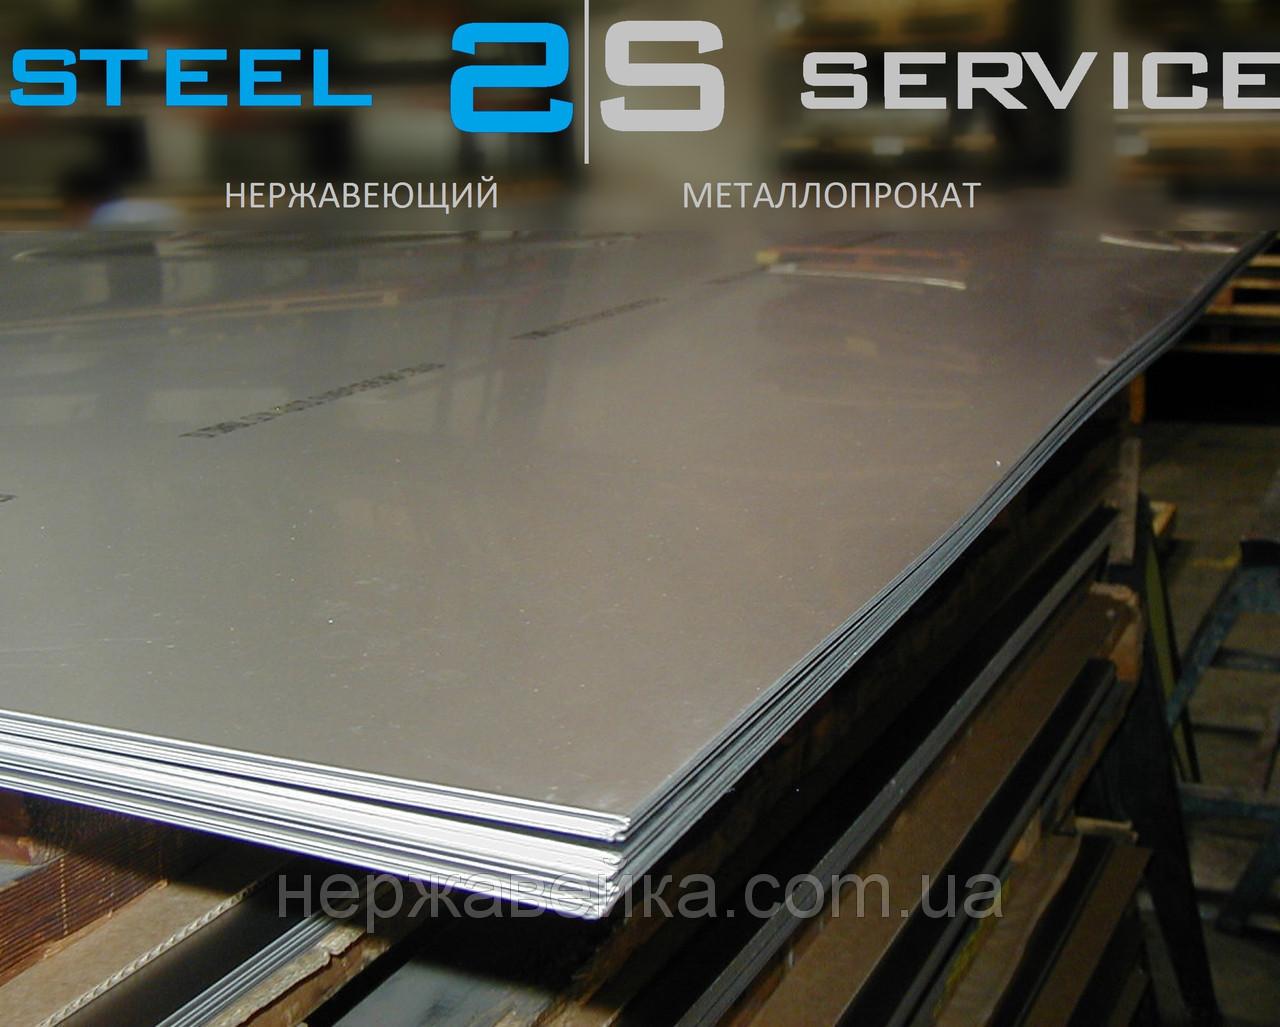 Нержавеющий лист 5х1500х3000мм  AISI 316Ti(10Х17Н13М2Т) F1 - горячекатанный,  кислотостойкий